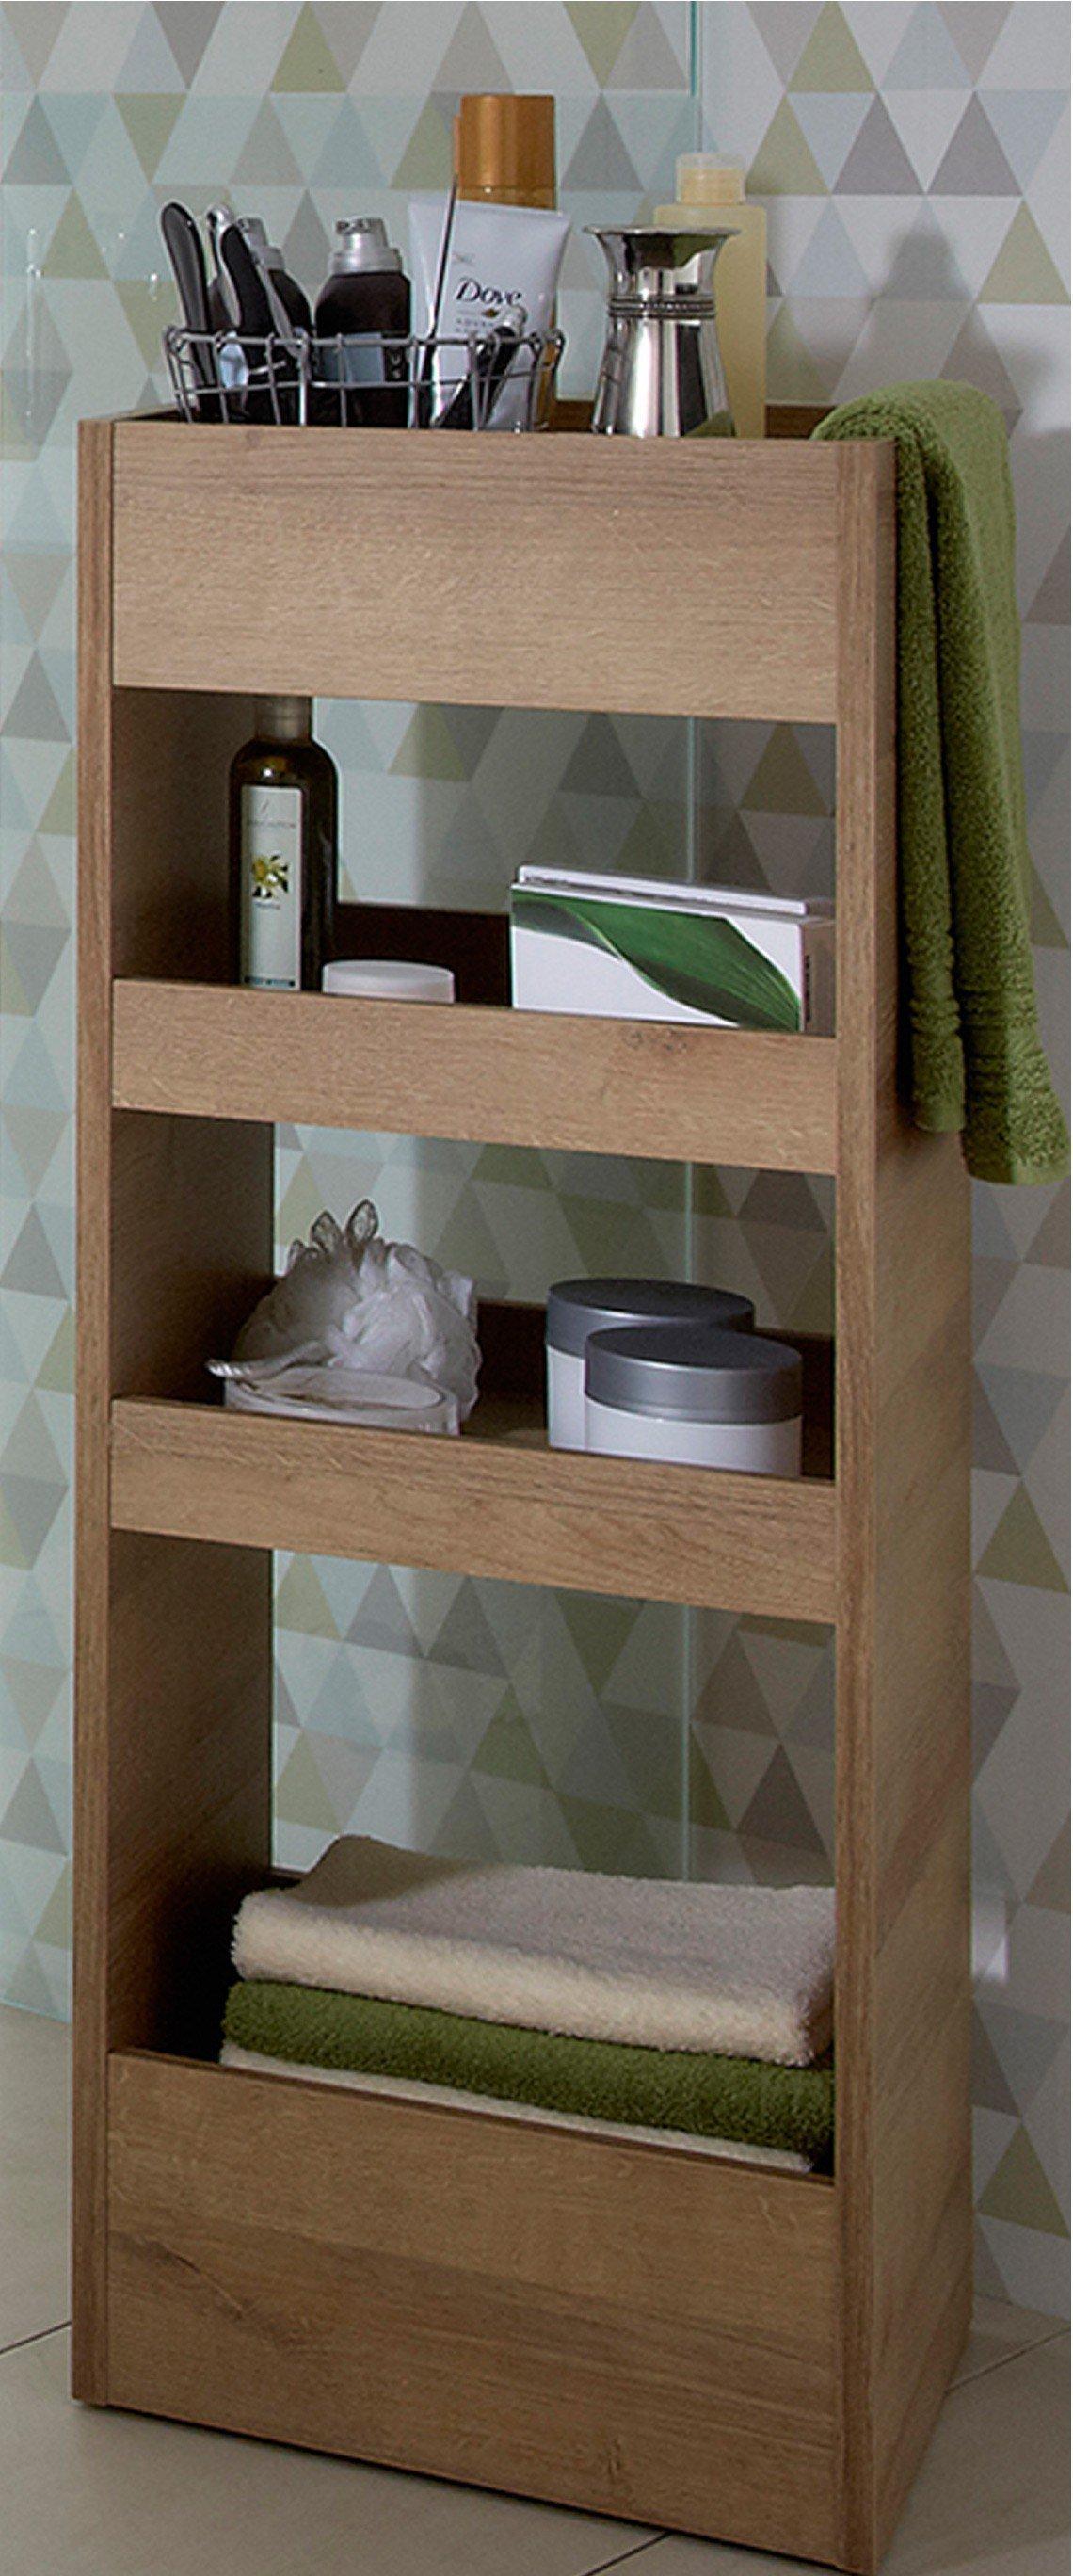 badezimmer balto in riviera eiche von pelipal m bel letz ihr online shop. Black Bedroom Furniture Sets. Home Design Ideas